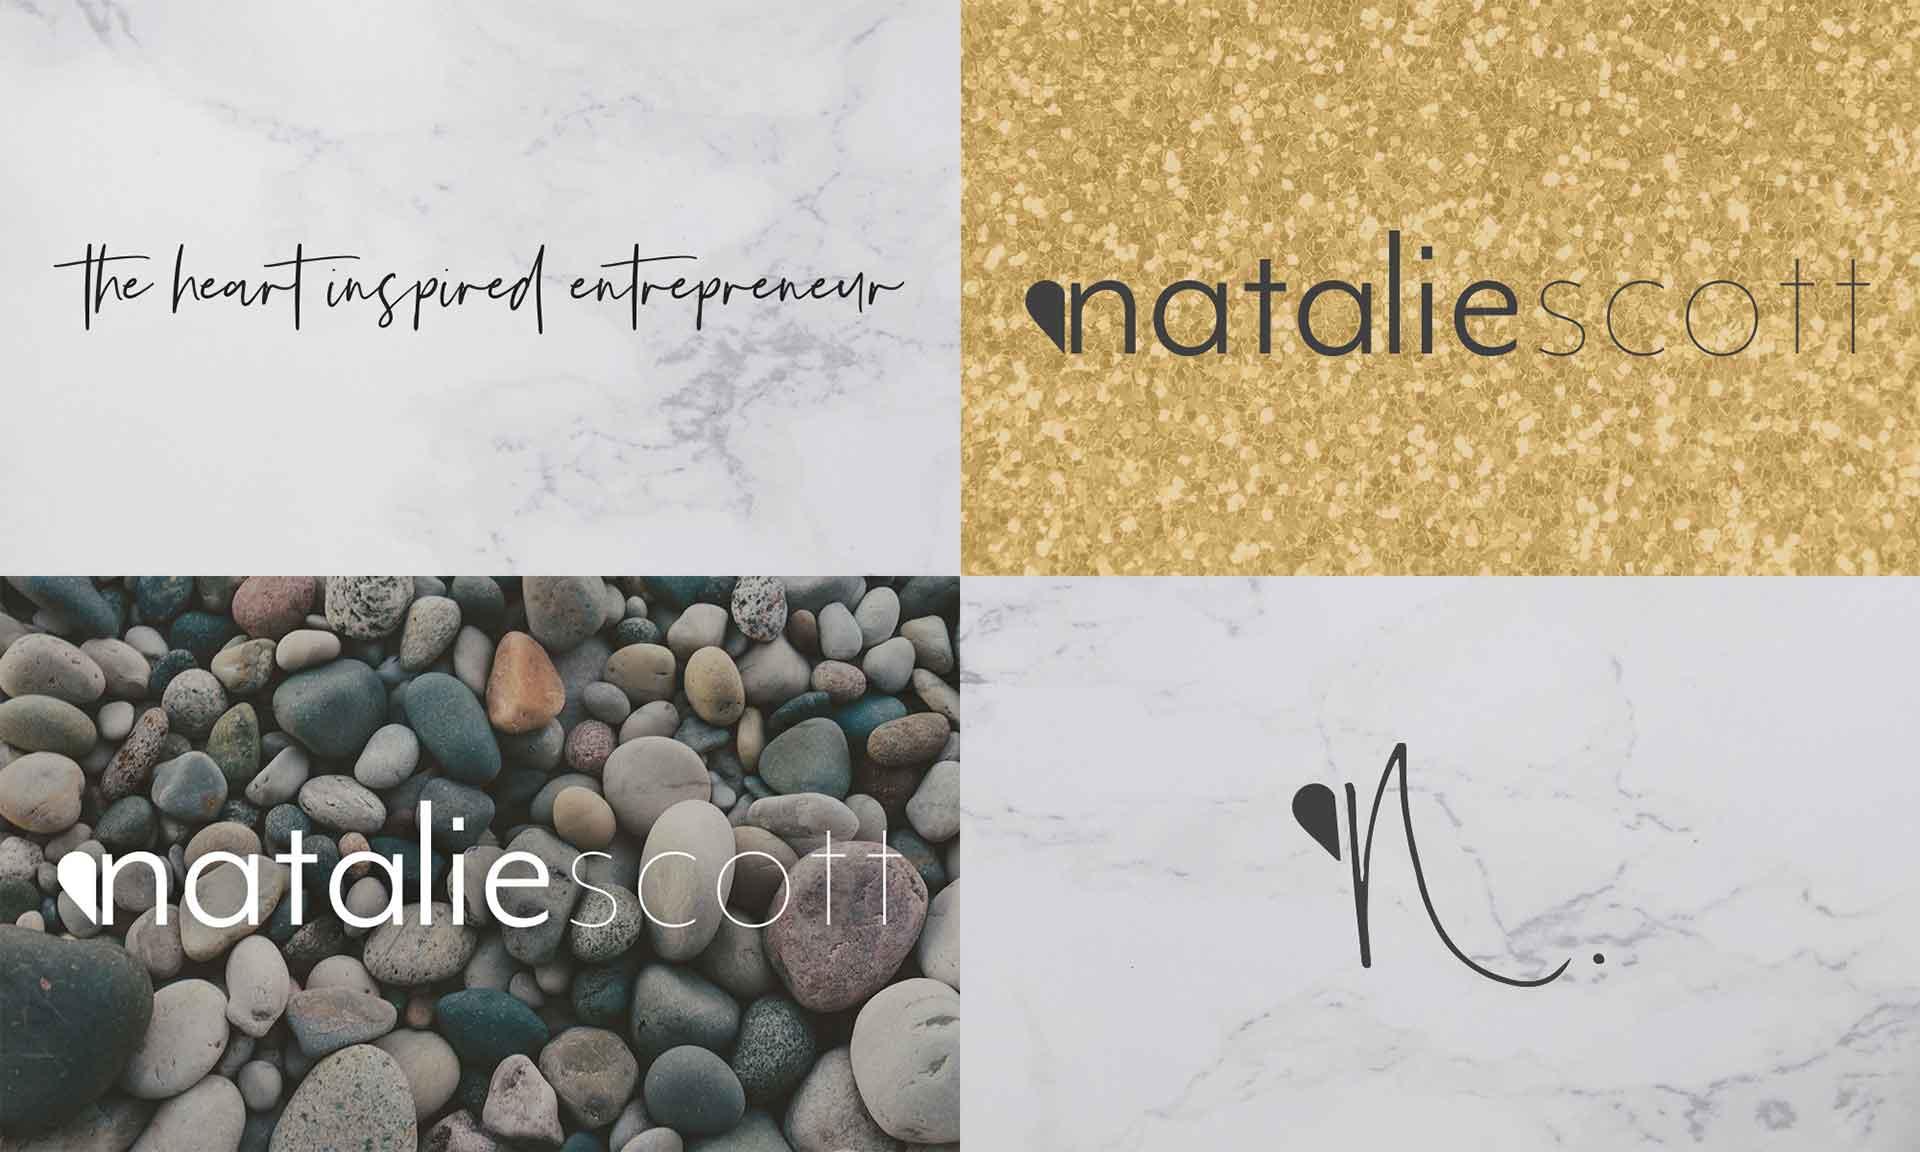 Natalie Scott the Heart-Inspired Entrepreneur